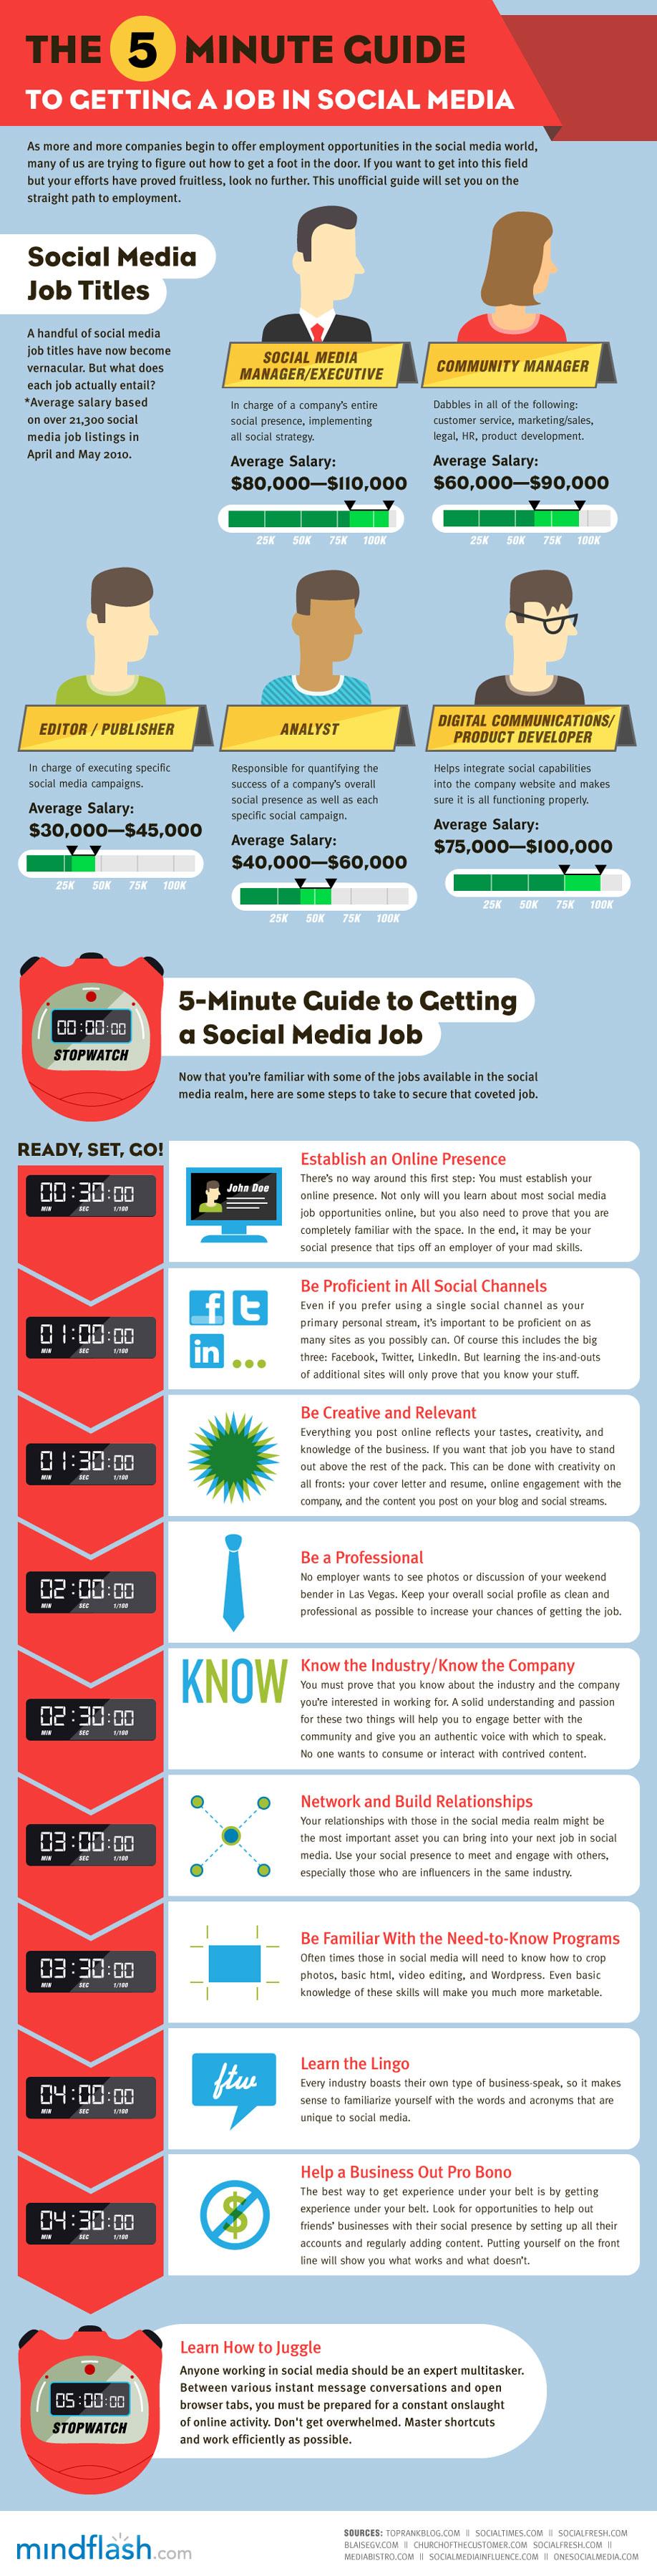 conseils trouver job réseaux sociaux twitter facebook emploi guide